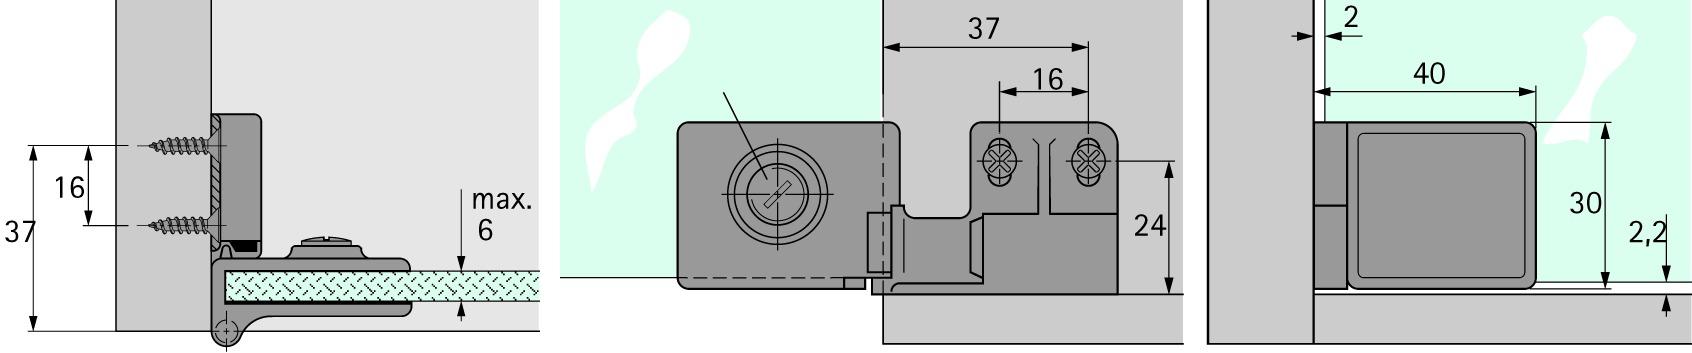 Glastürscharniere HETTICH ET 5150